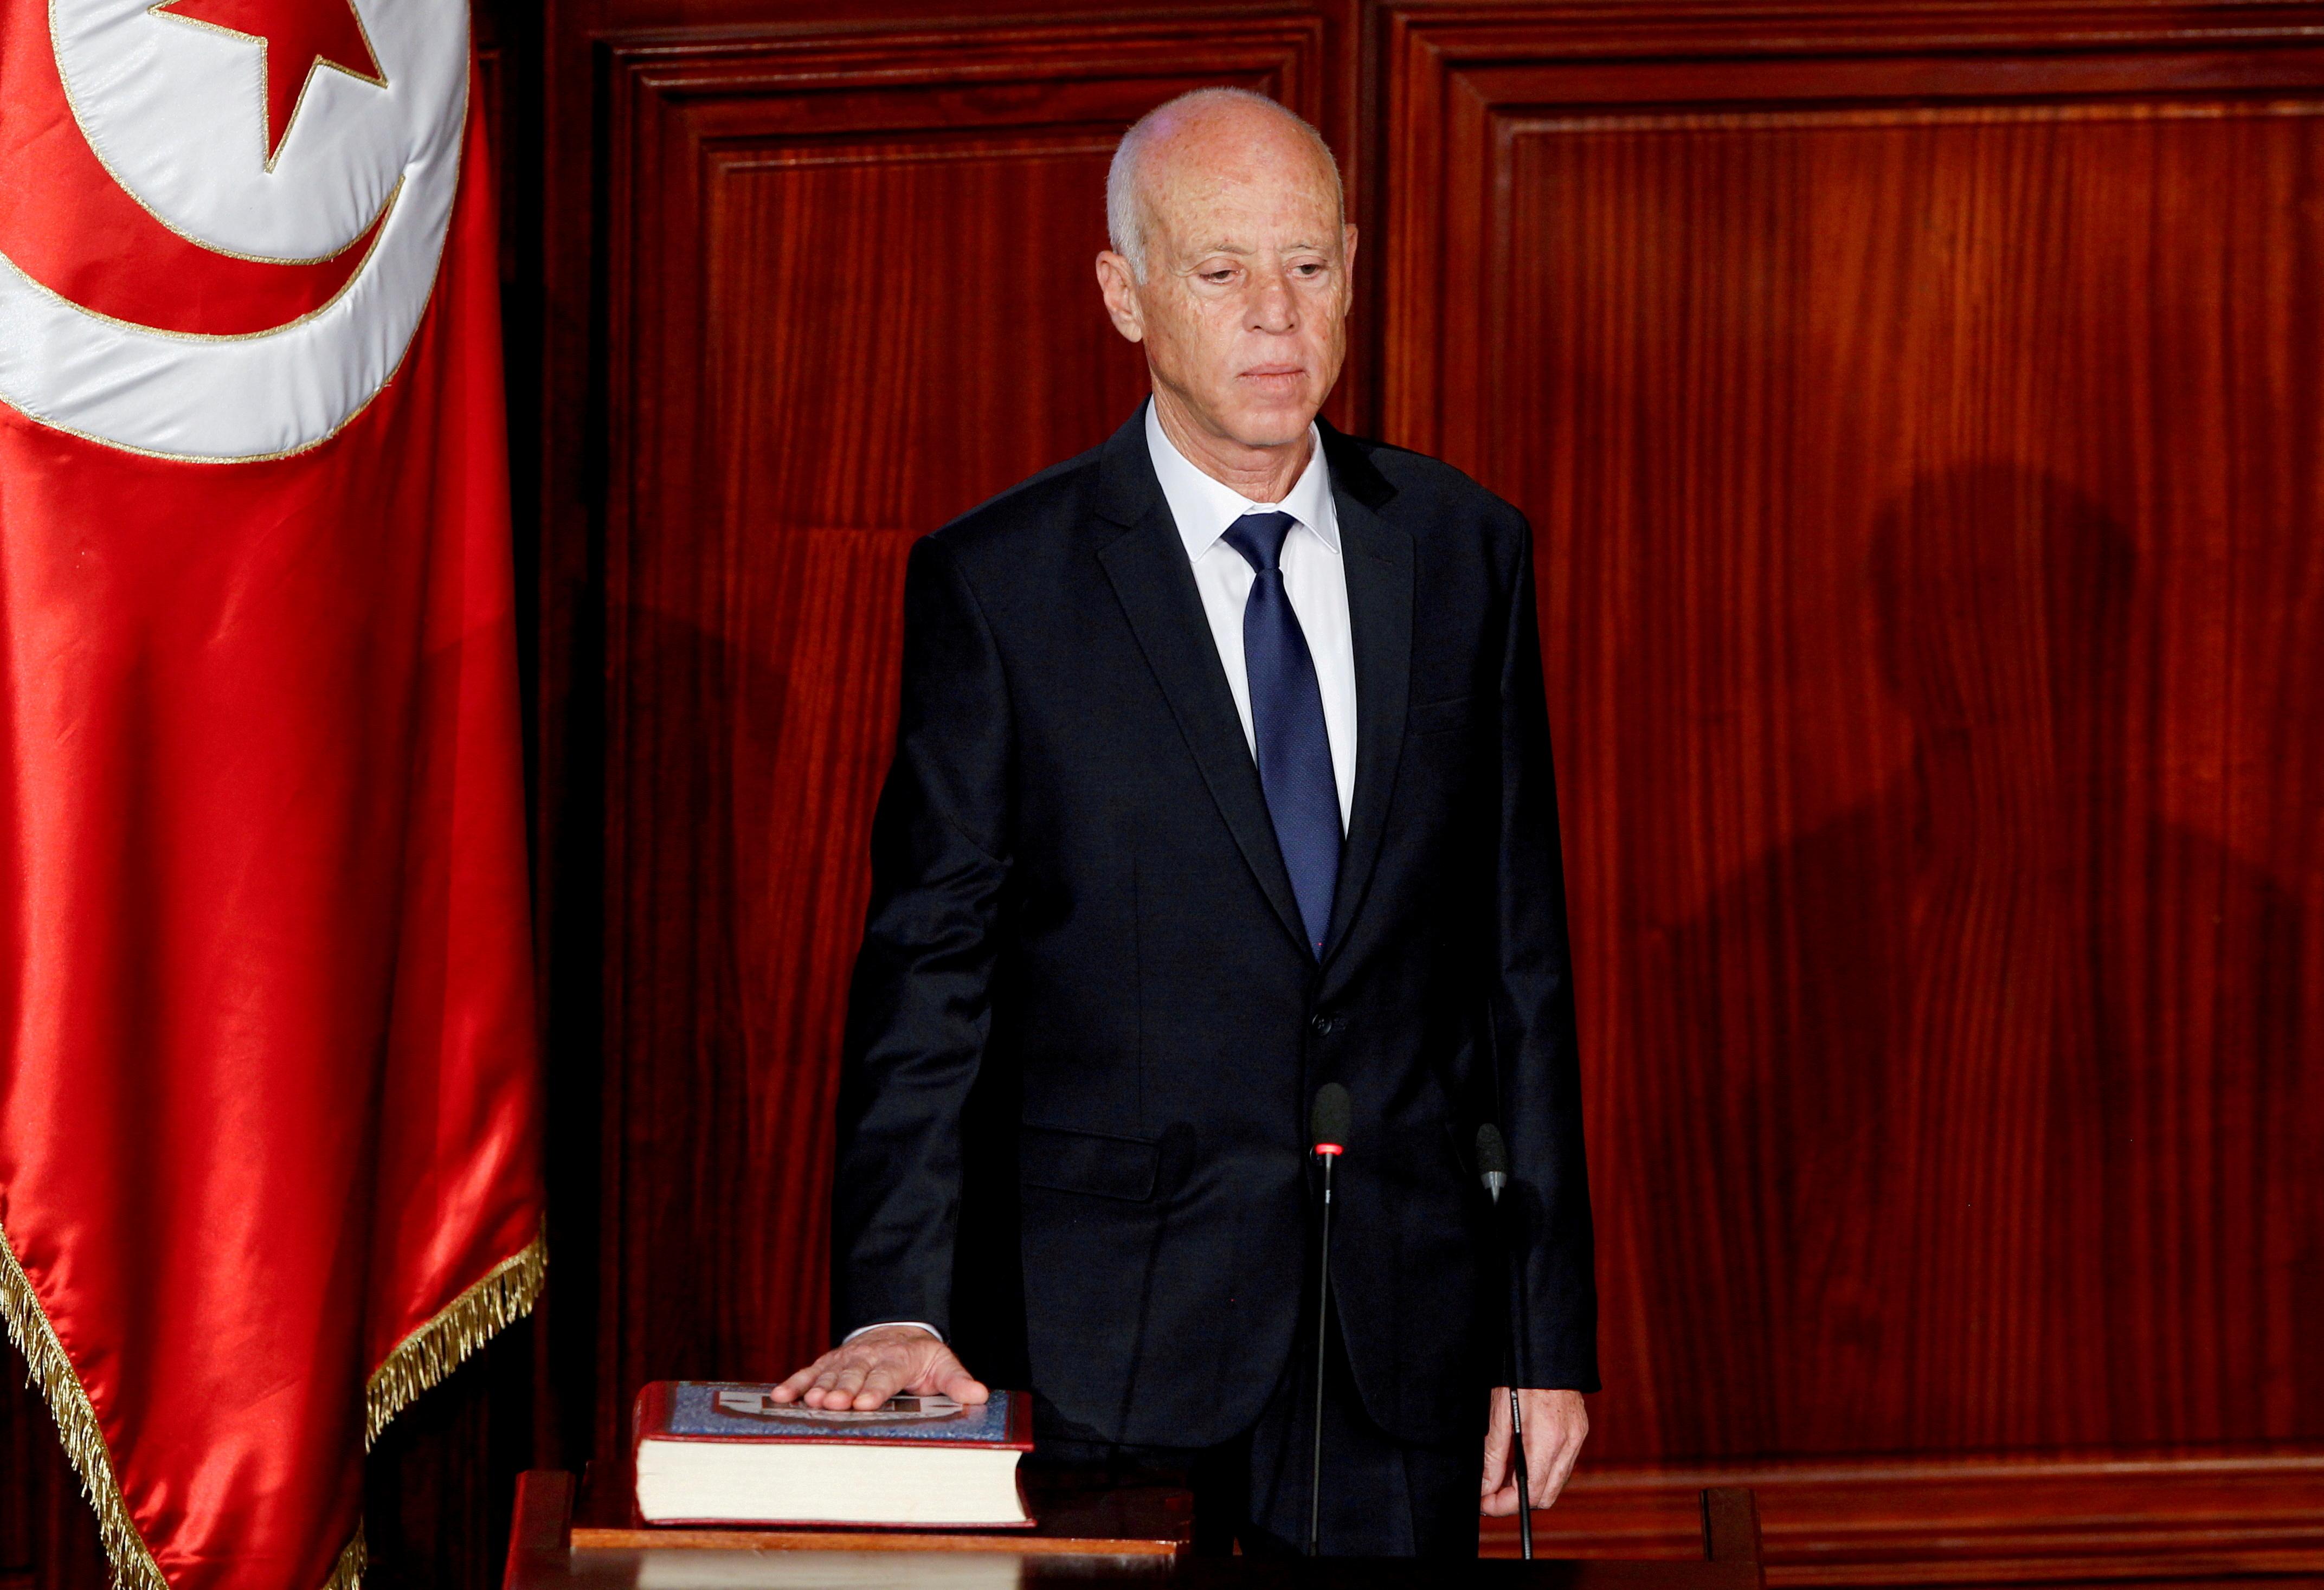 Tunisian President Kais Saied. REUTERS/Zoubeir Souiss